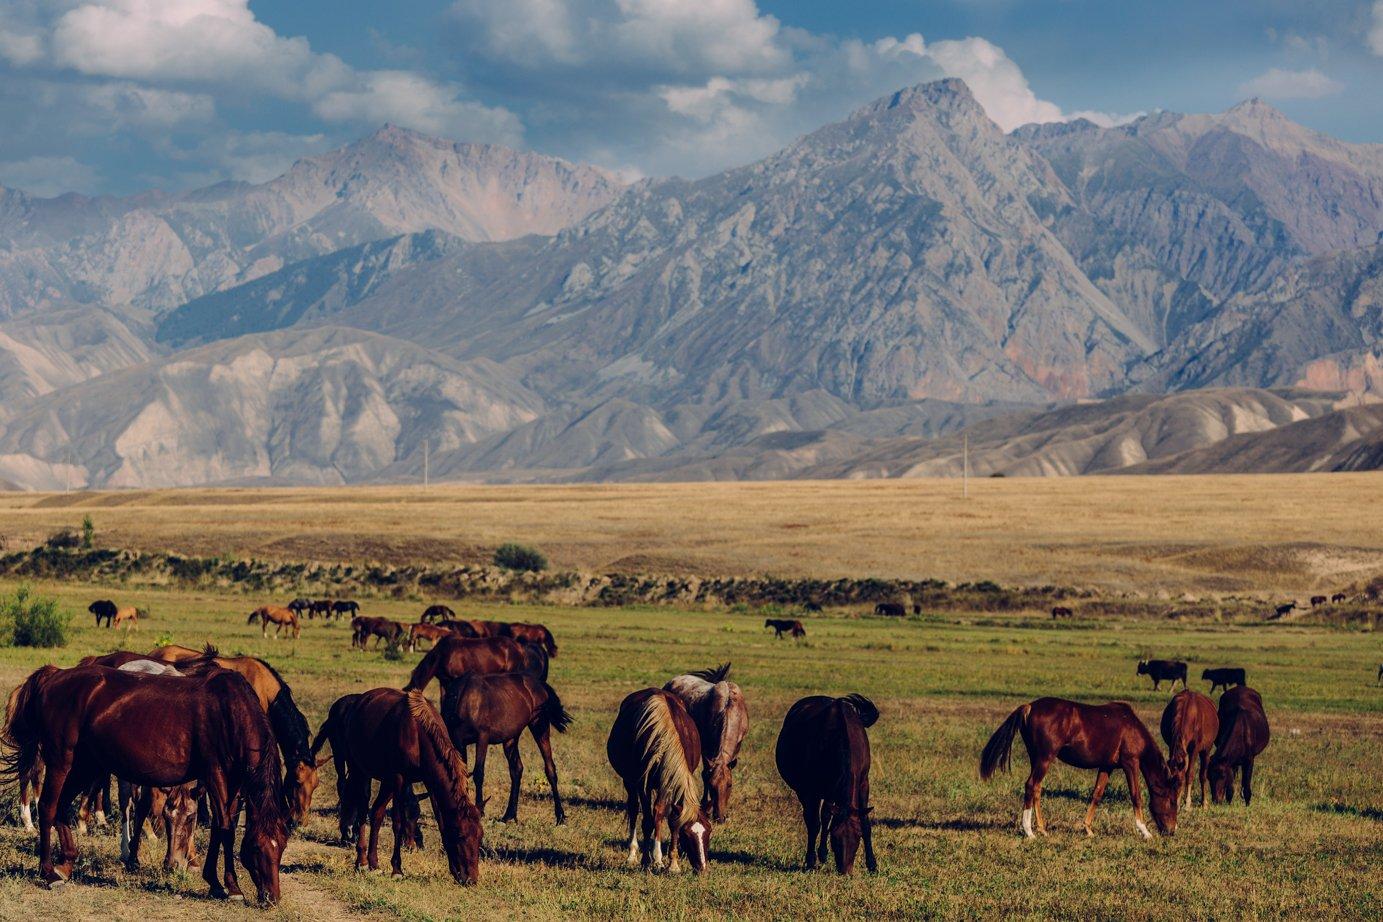 Konie, wszędzie konie.